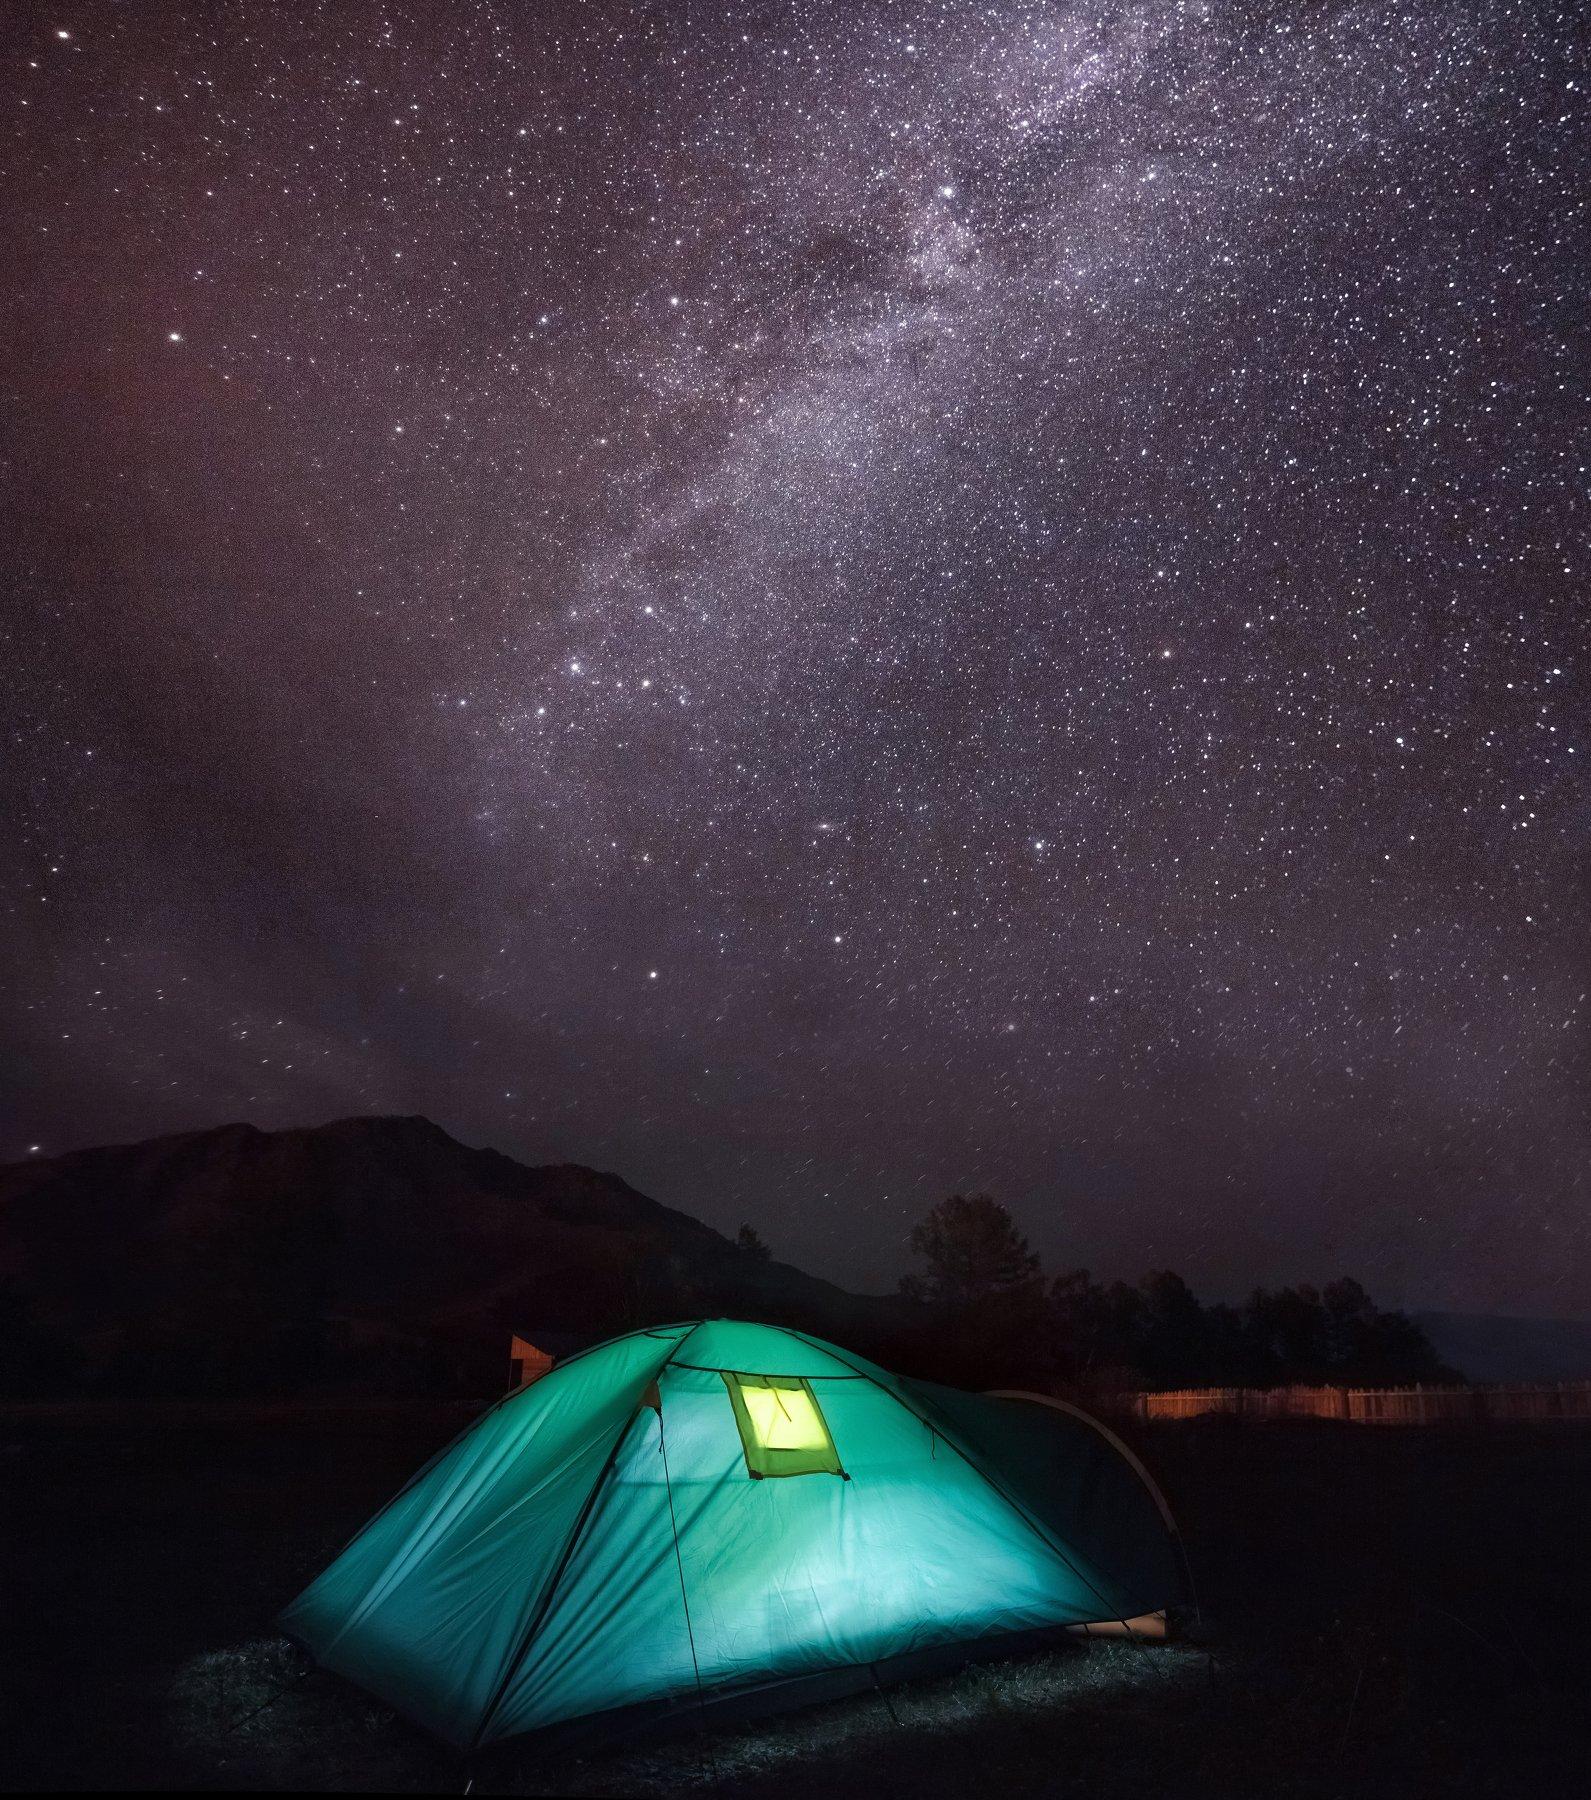 Алтай, пейзаж, звёзды, небо, горы, млечный путь, Россия, палатка, ночь, Голубев Алексей